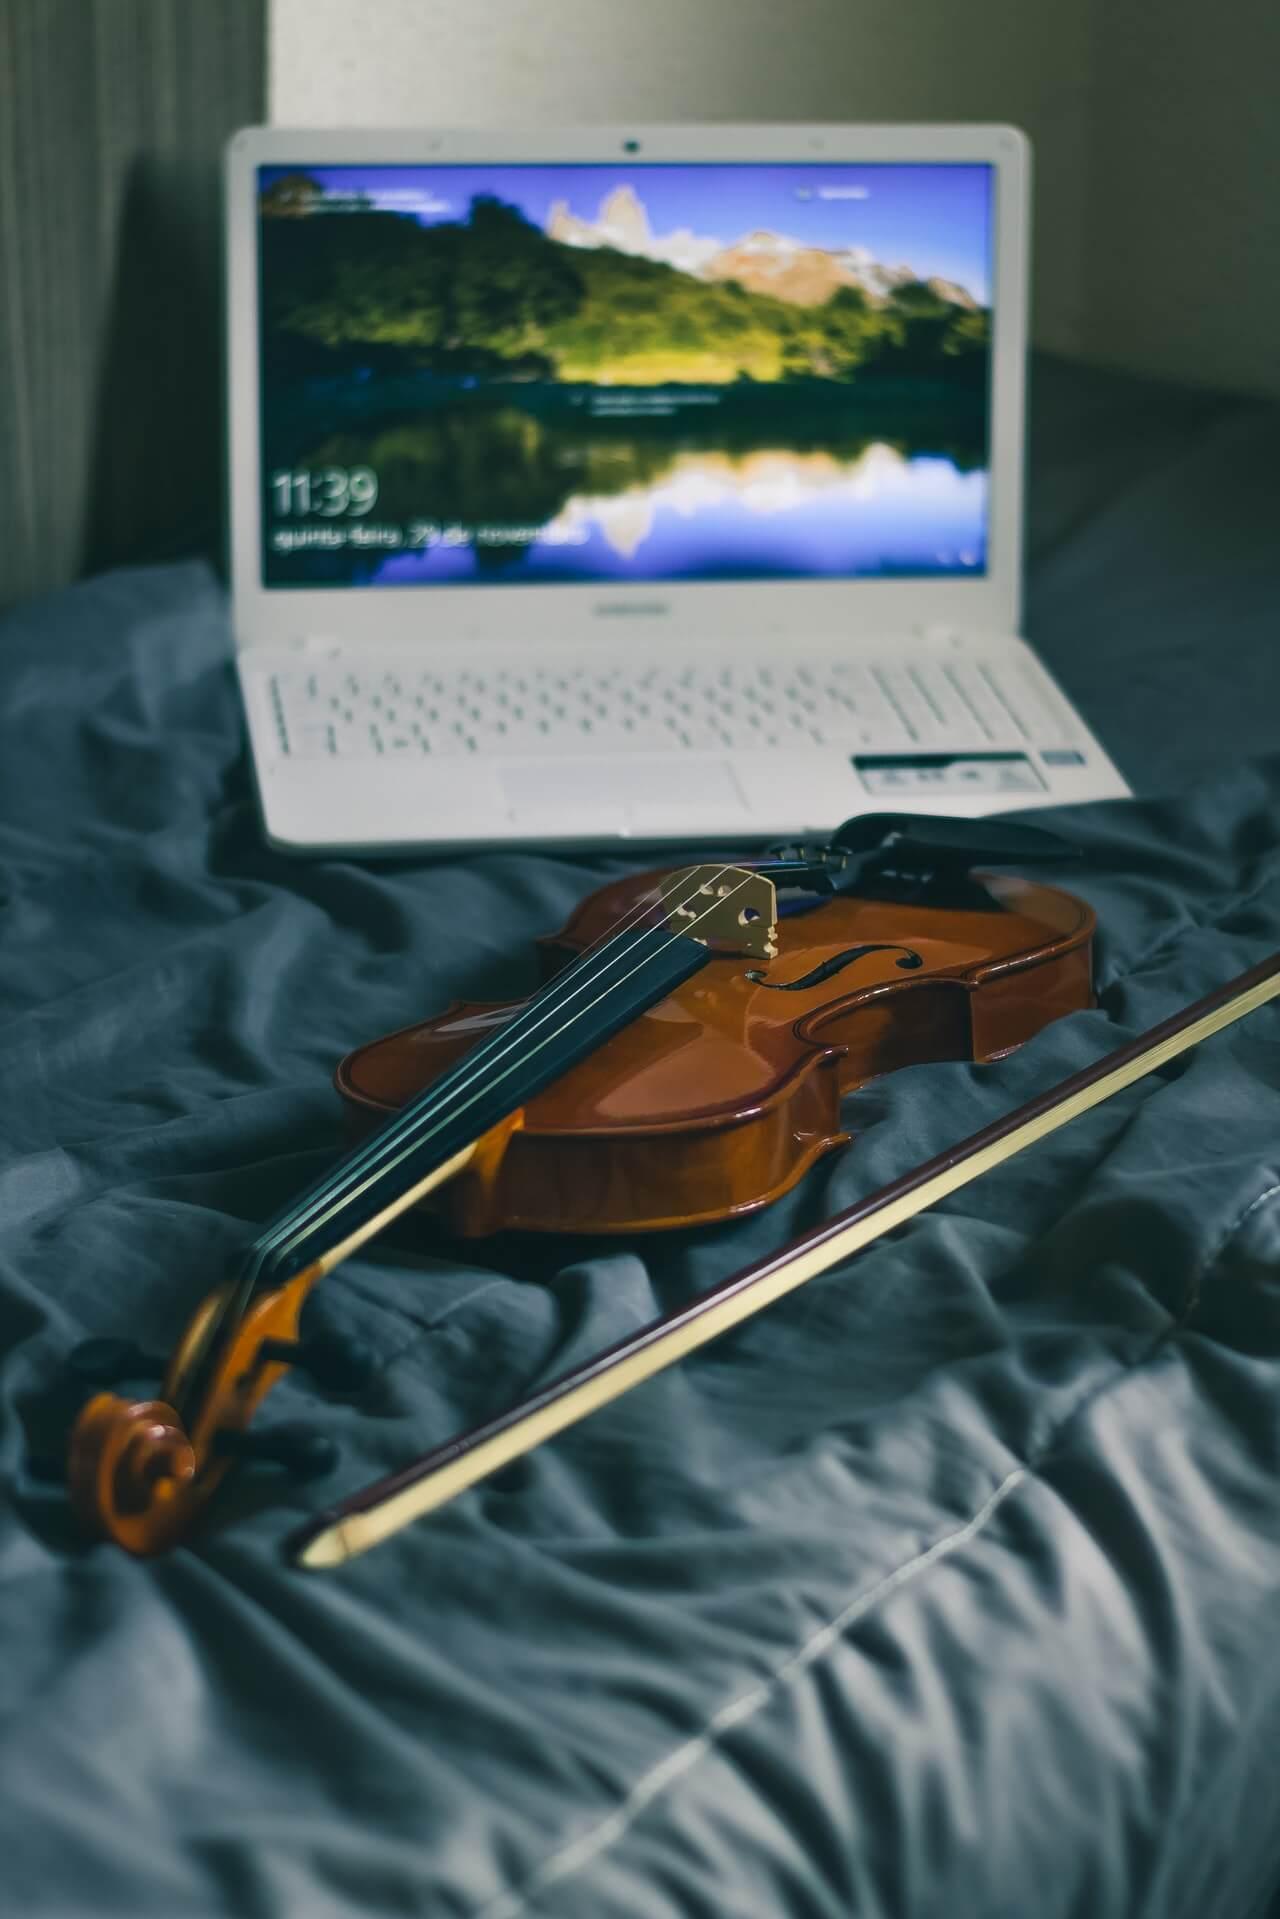 Внимание! В Положение о XVII открытом региональном конкурсе юных исполнителей на струнно-смычковых инструментах вносятся изменения.